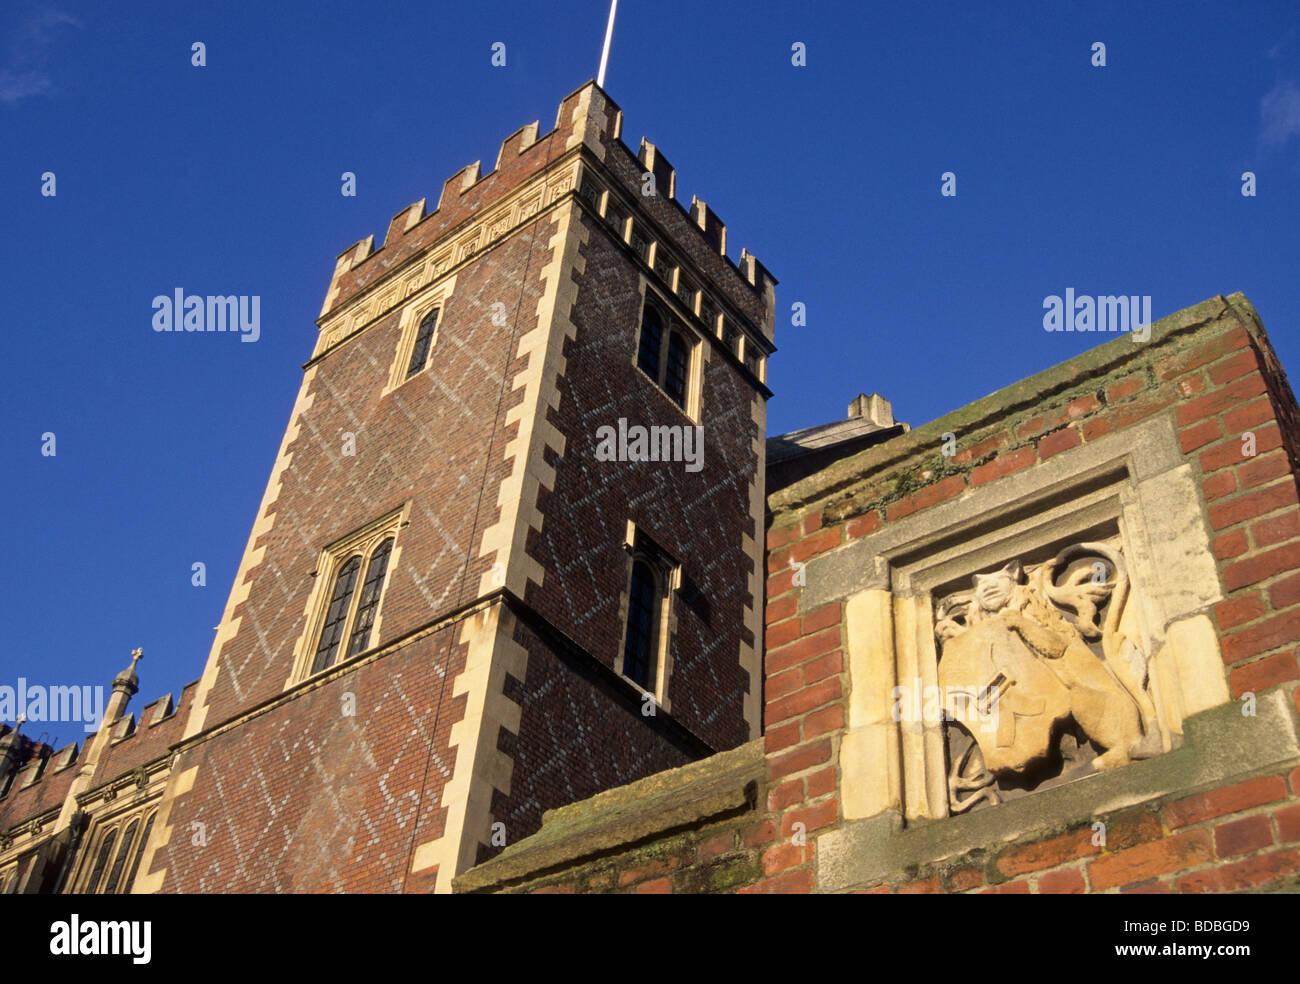 Lincoln s Inn Inns of Court London England - Stock Image